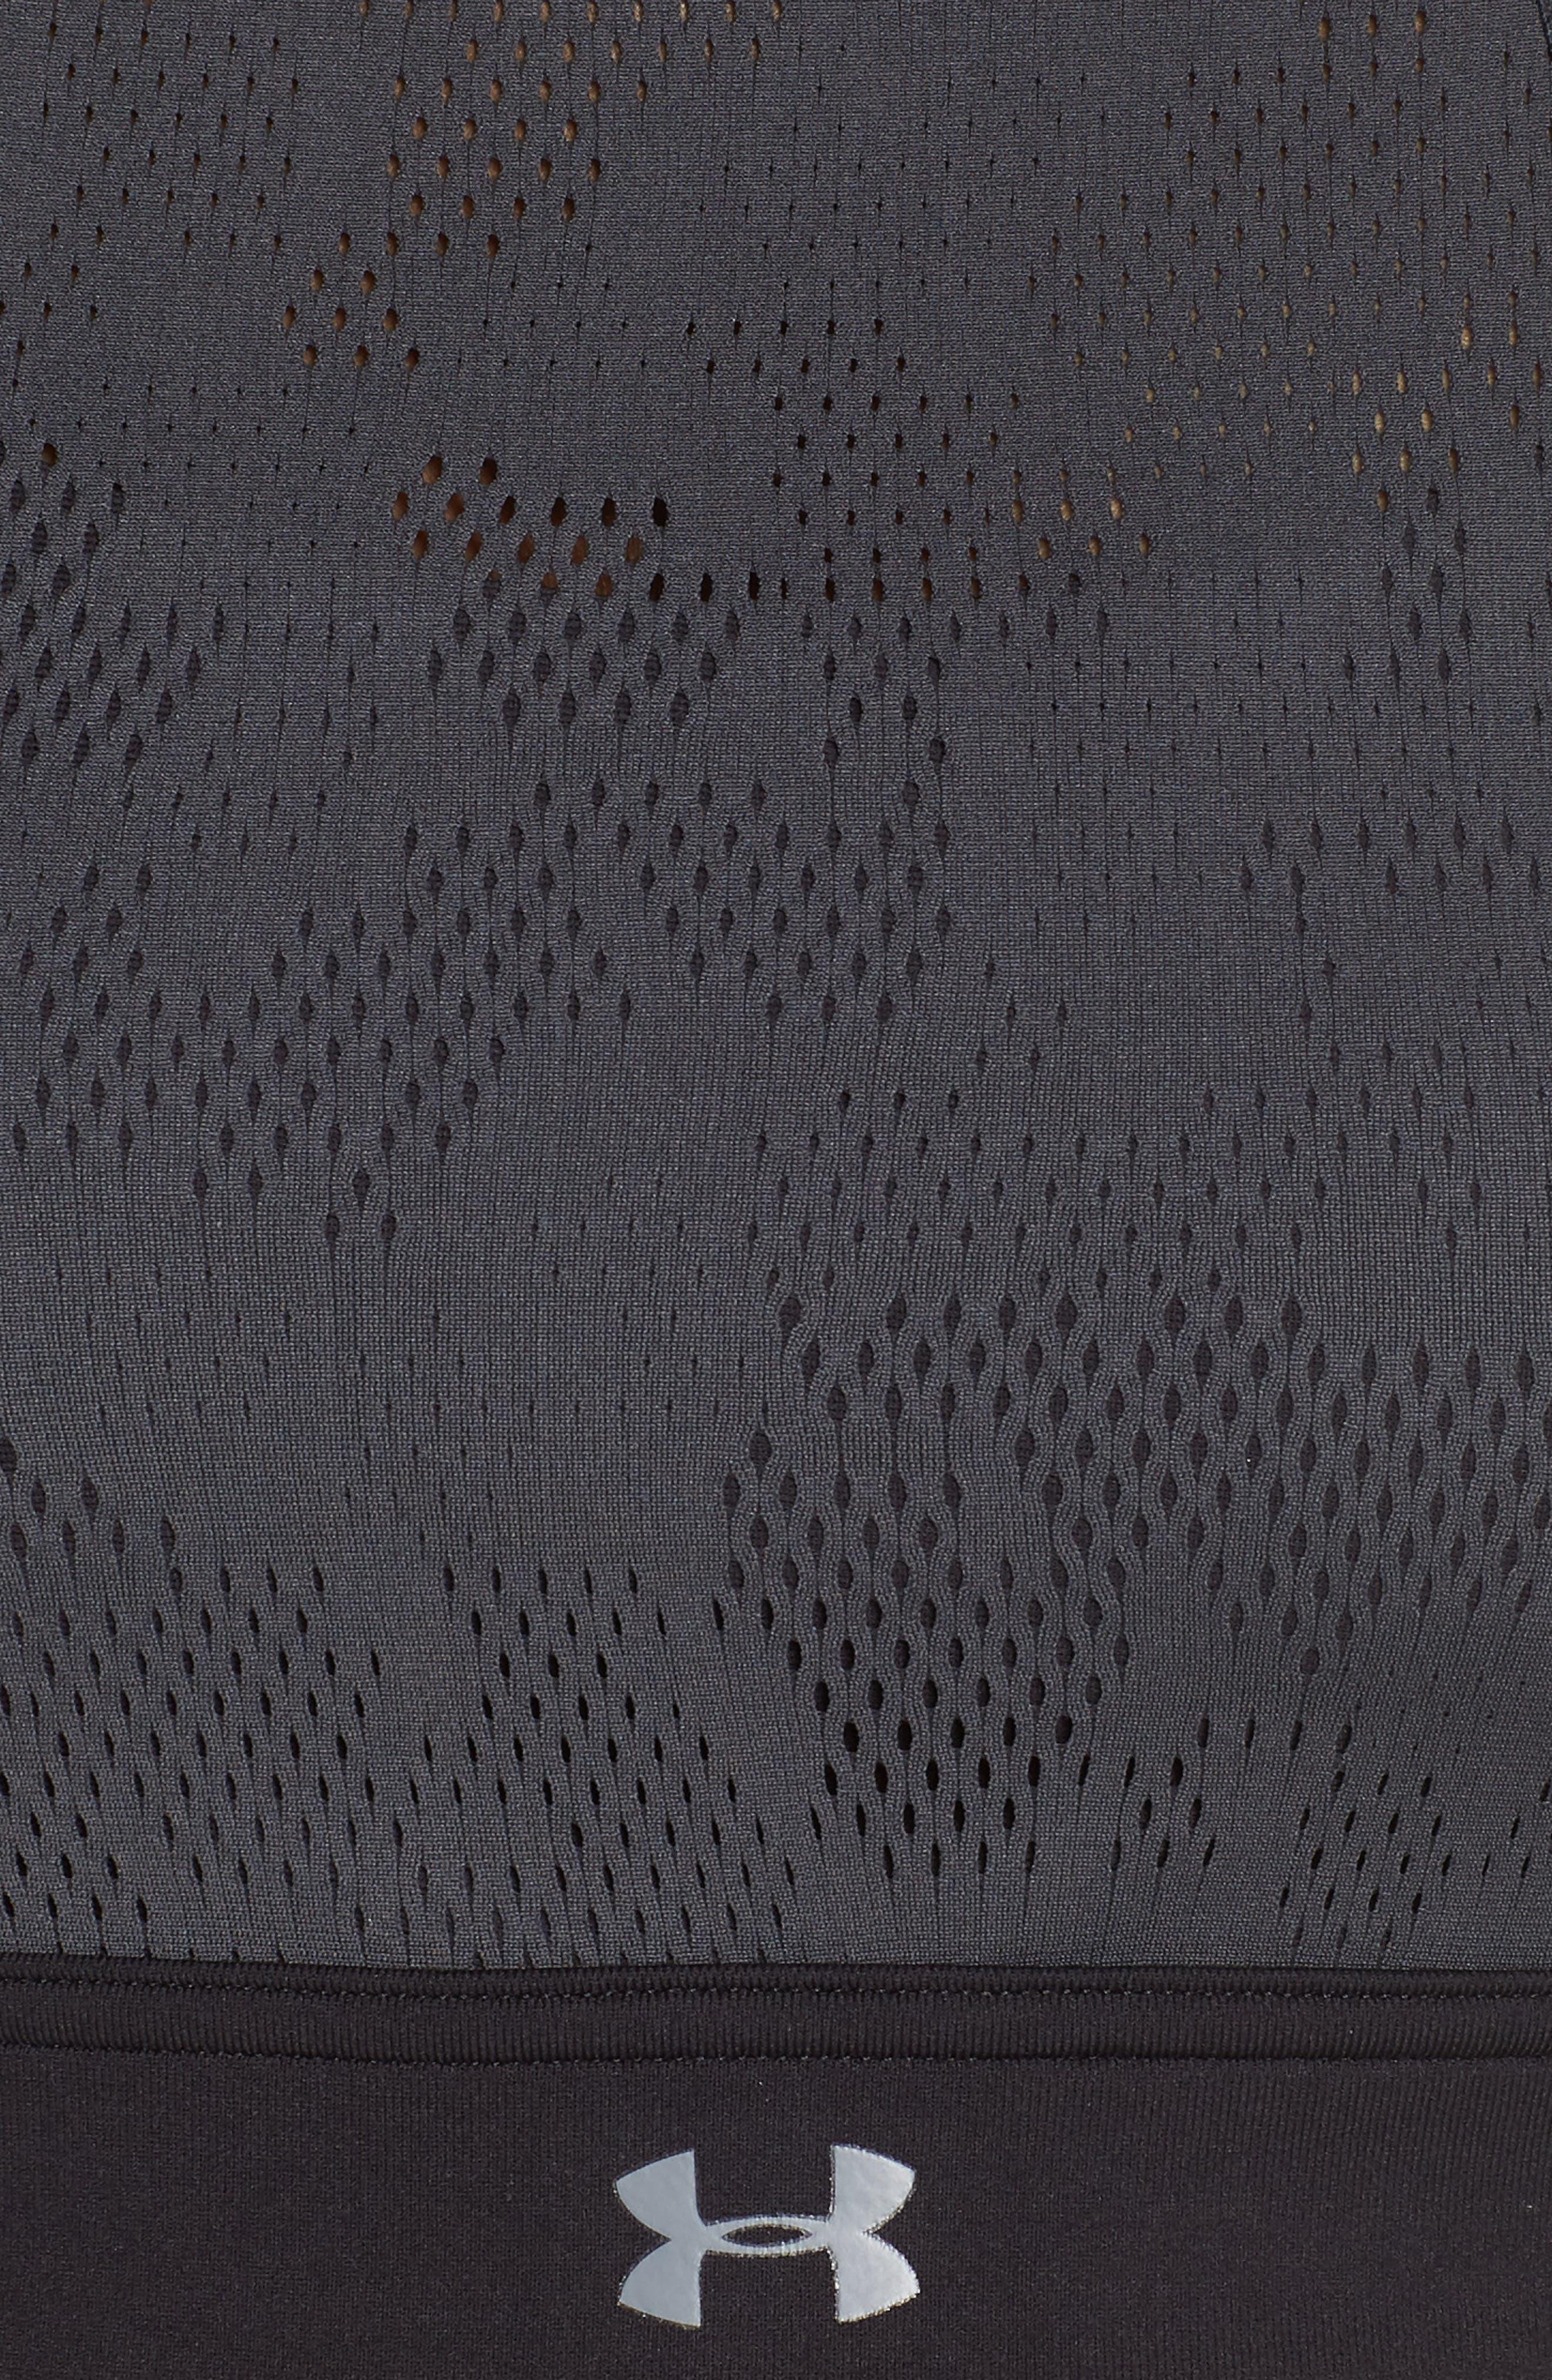 Vanic Mid Vent Sports Bra,                             Alternate thumbnail 6, color,                             Black